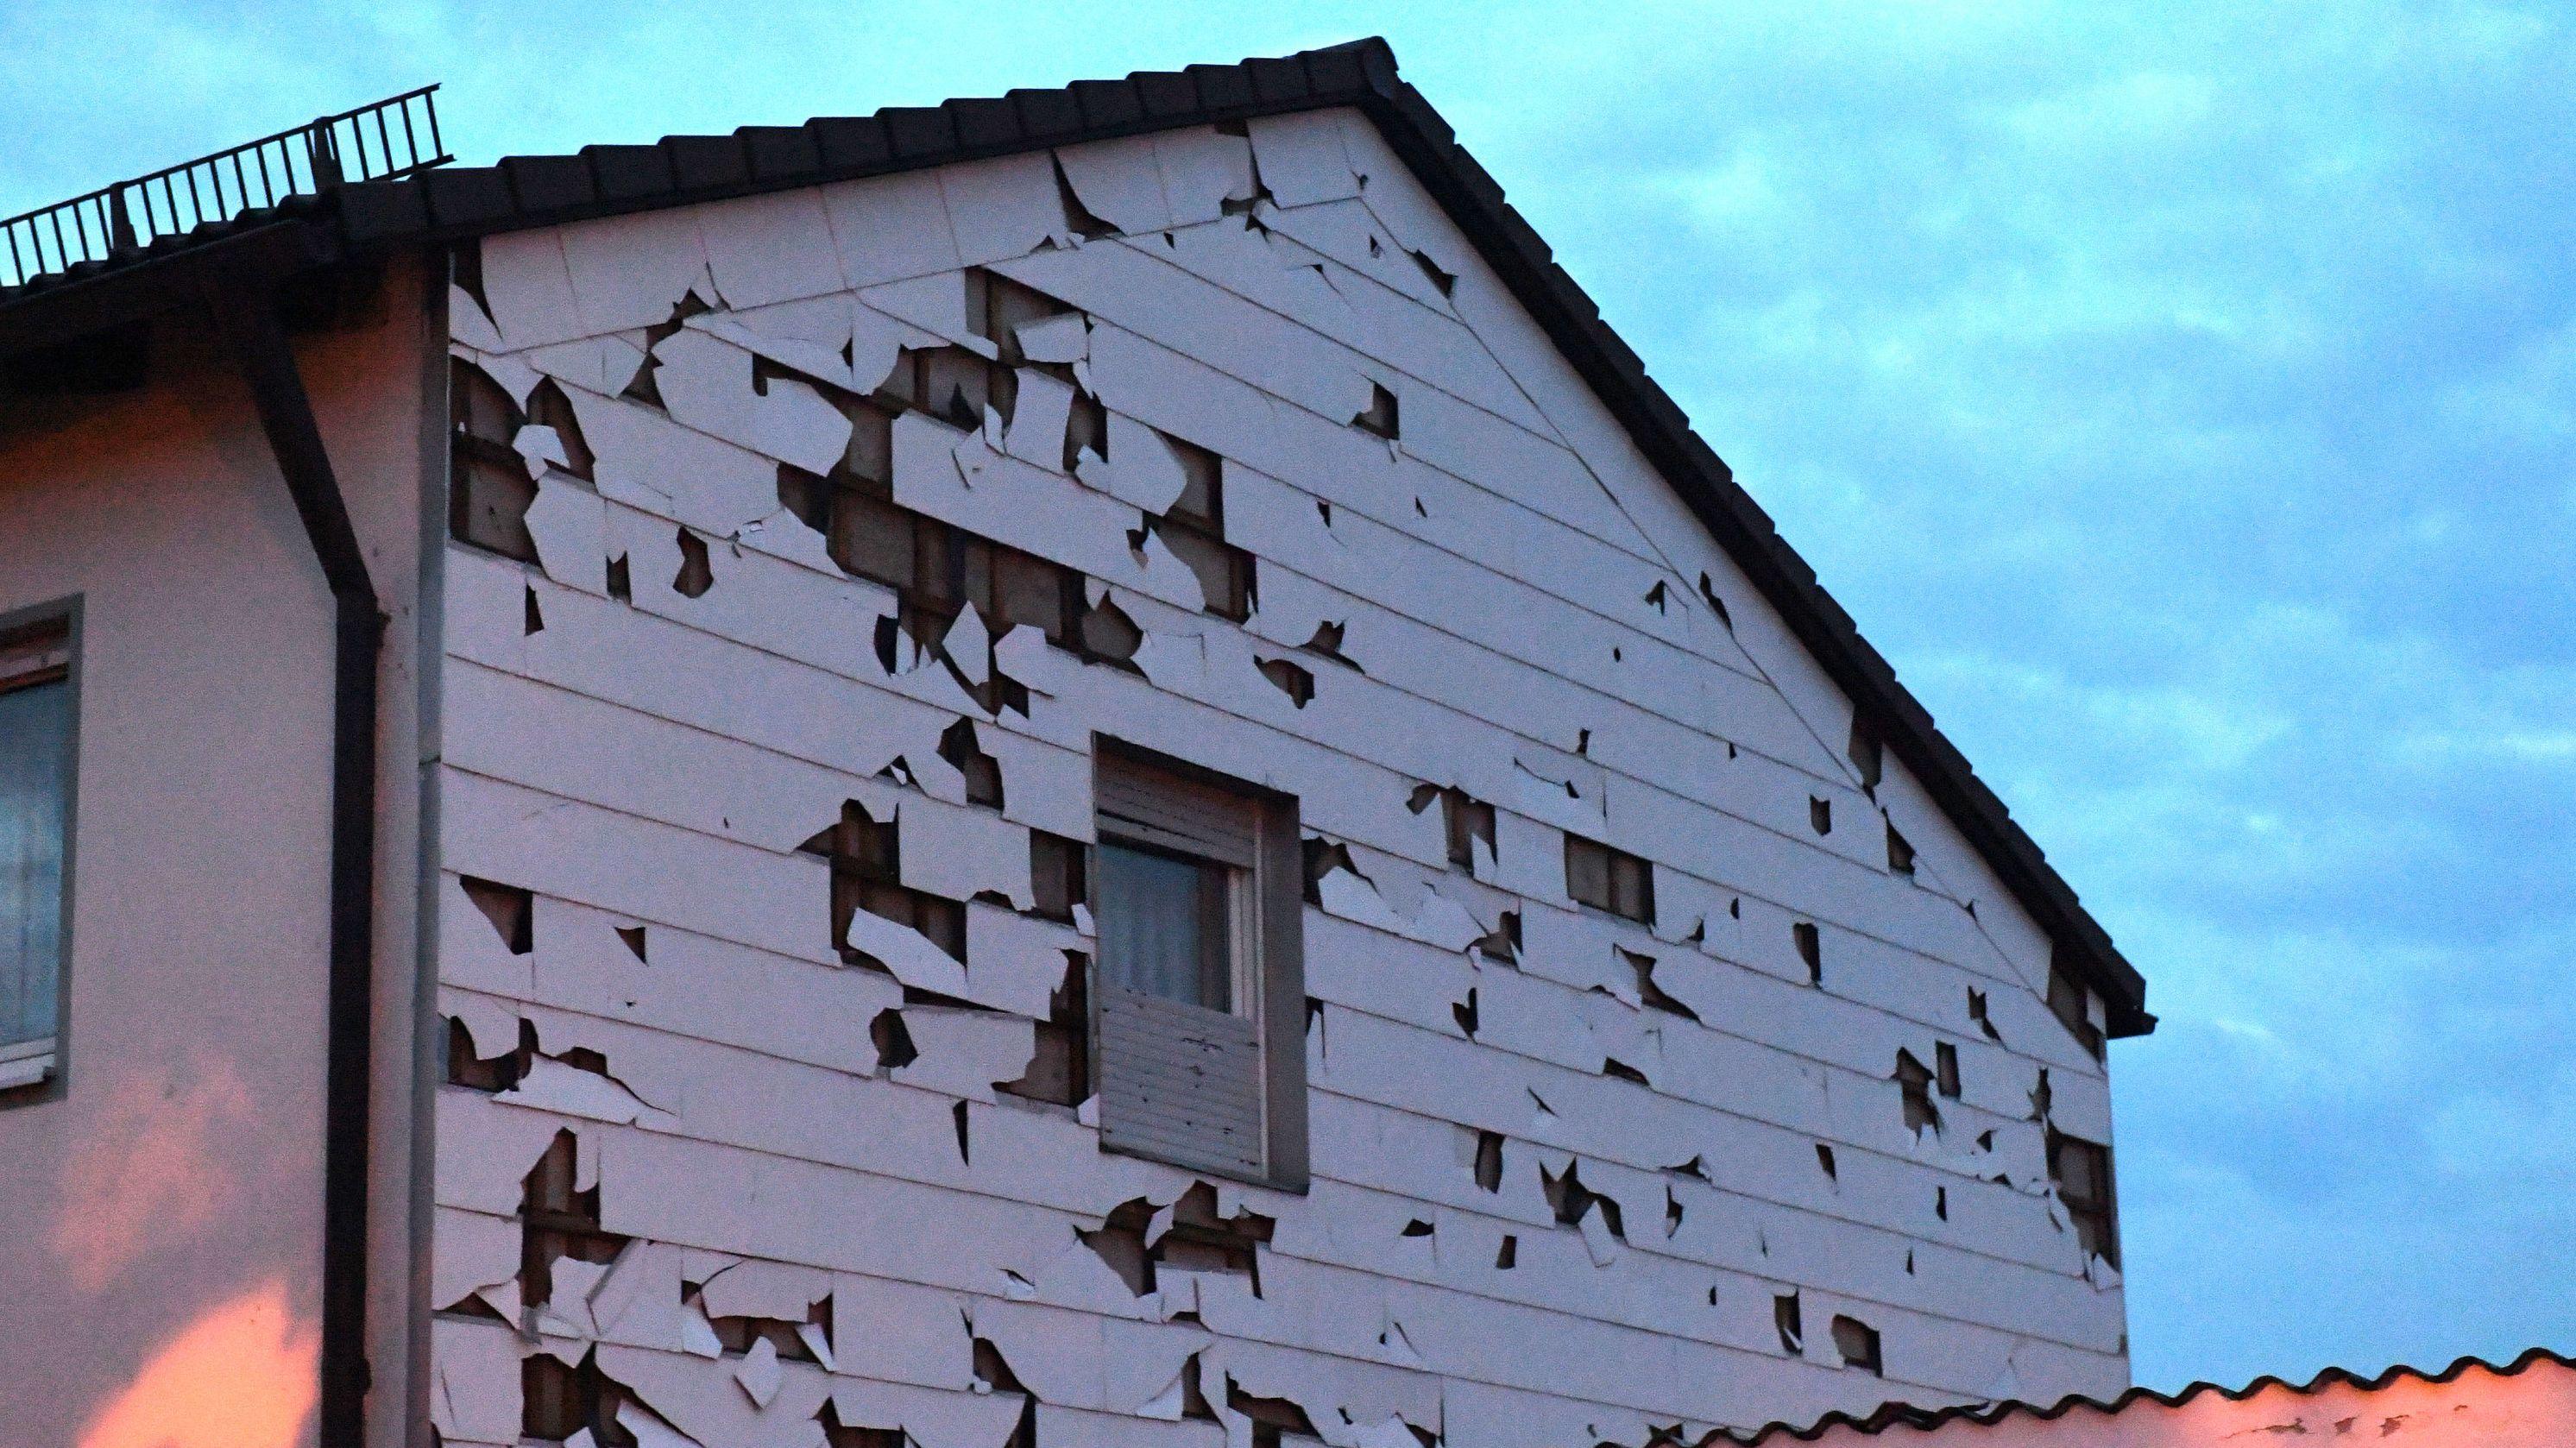 Die Fassadenverkleidung eines Hauses in Germering ist nach einem Hagelsturm durchlöchert.